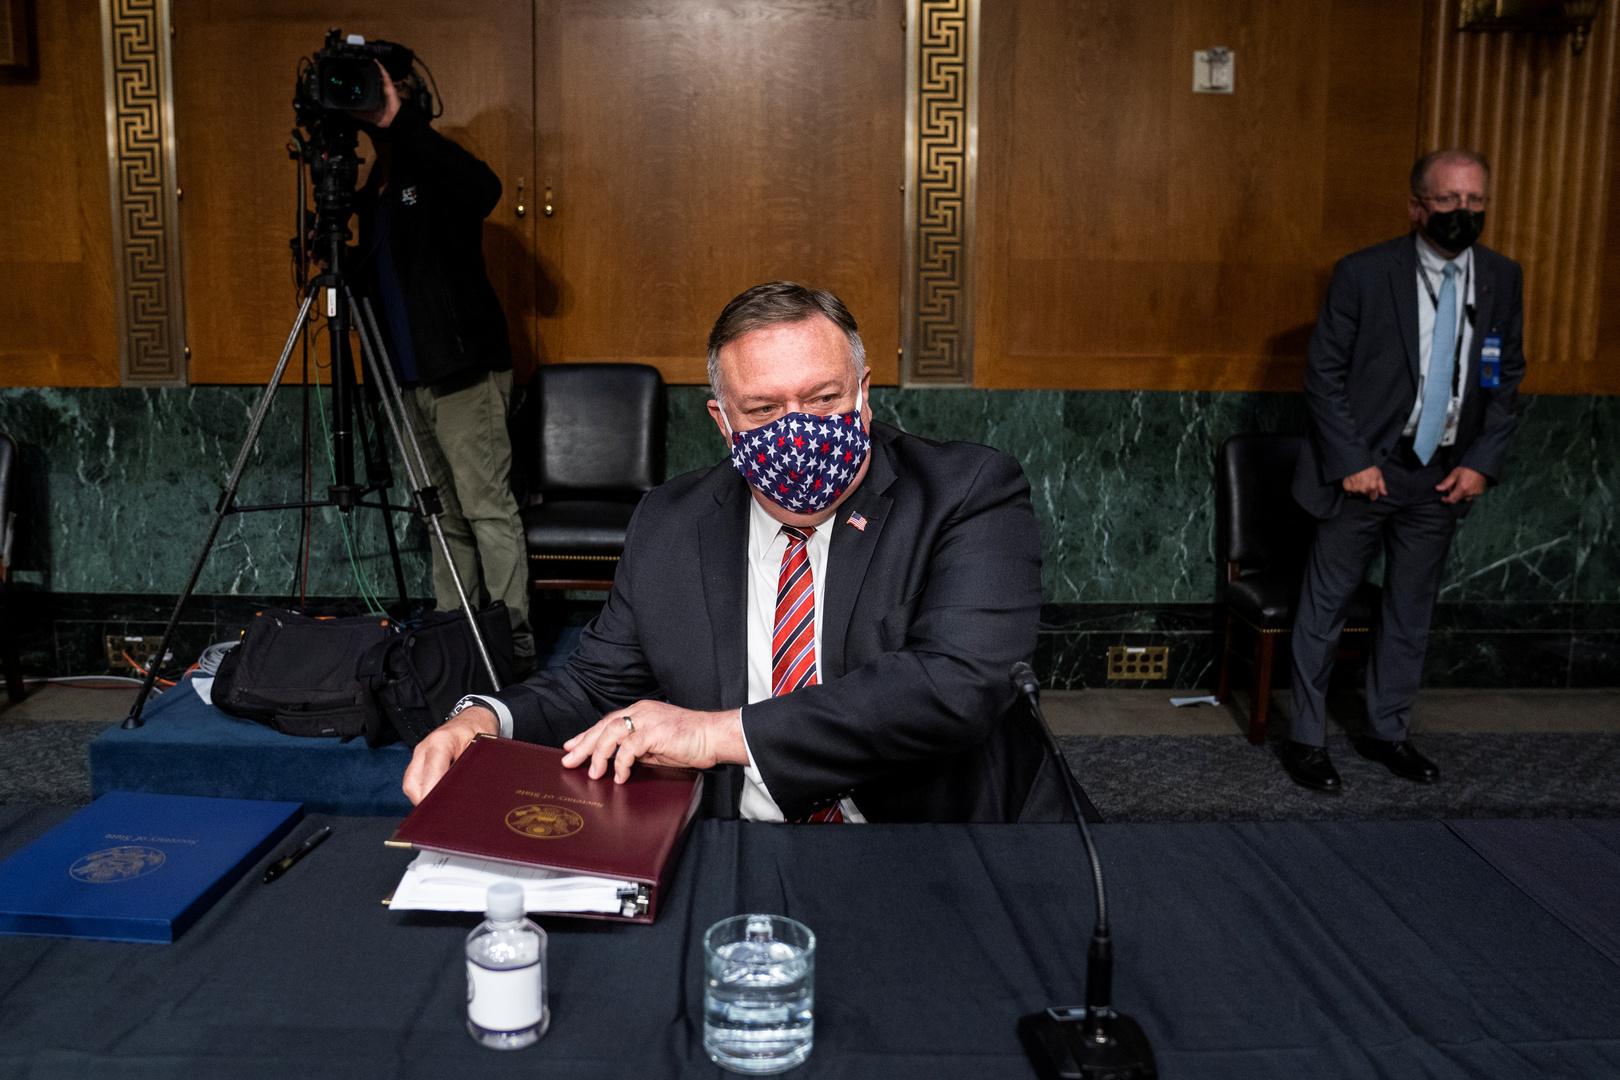 مايك بومبيو يحضر جلسة للجنة الشؤون الخارجية في مجلس الشيوخ